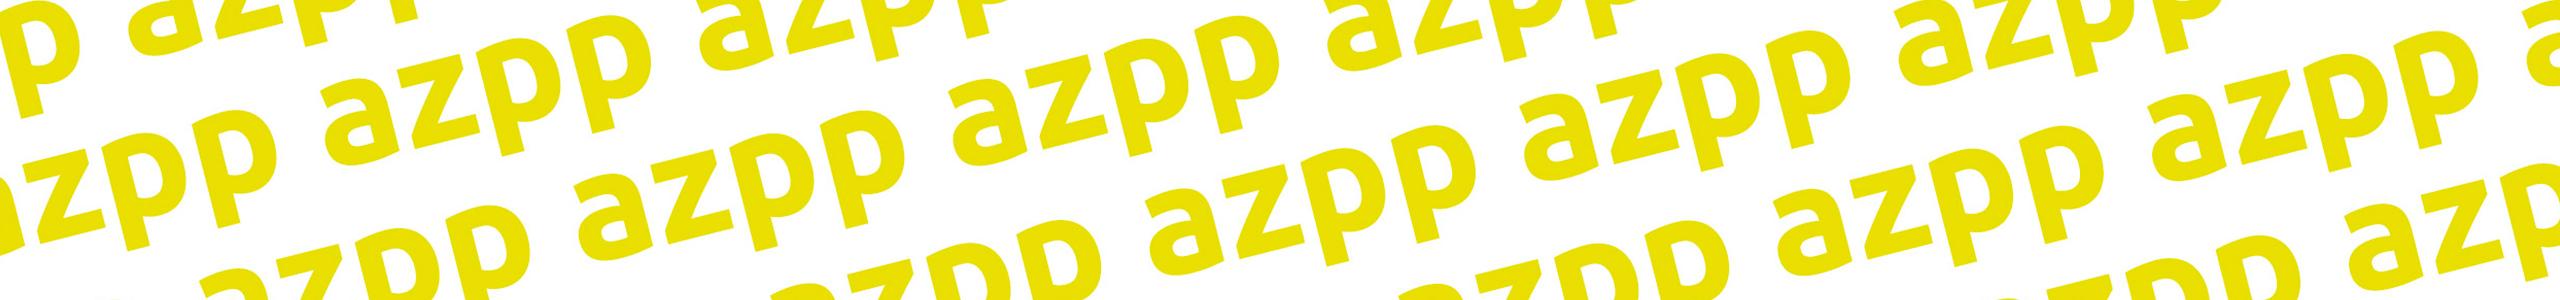 Weiterbildung | Azpp | Grundkurs | Ausbildung | Azubi | Mitglieder | Psychoanalyse | Coach | Schweiz | Basel | Ausbildungsinstitut | Bern | Zürich | Psychologie | Student | Studieren | Motivation | Ziele | Seminar | Coaching